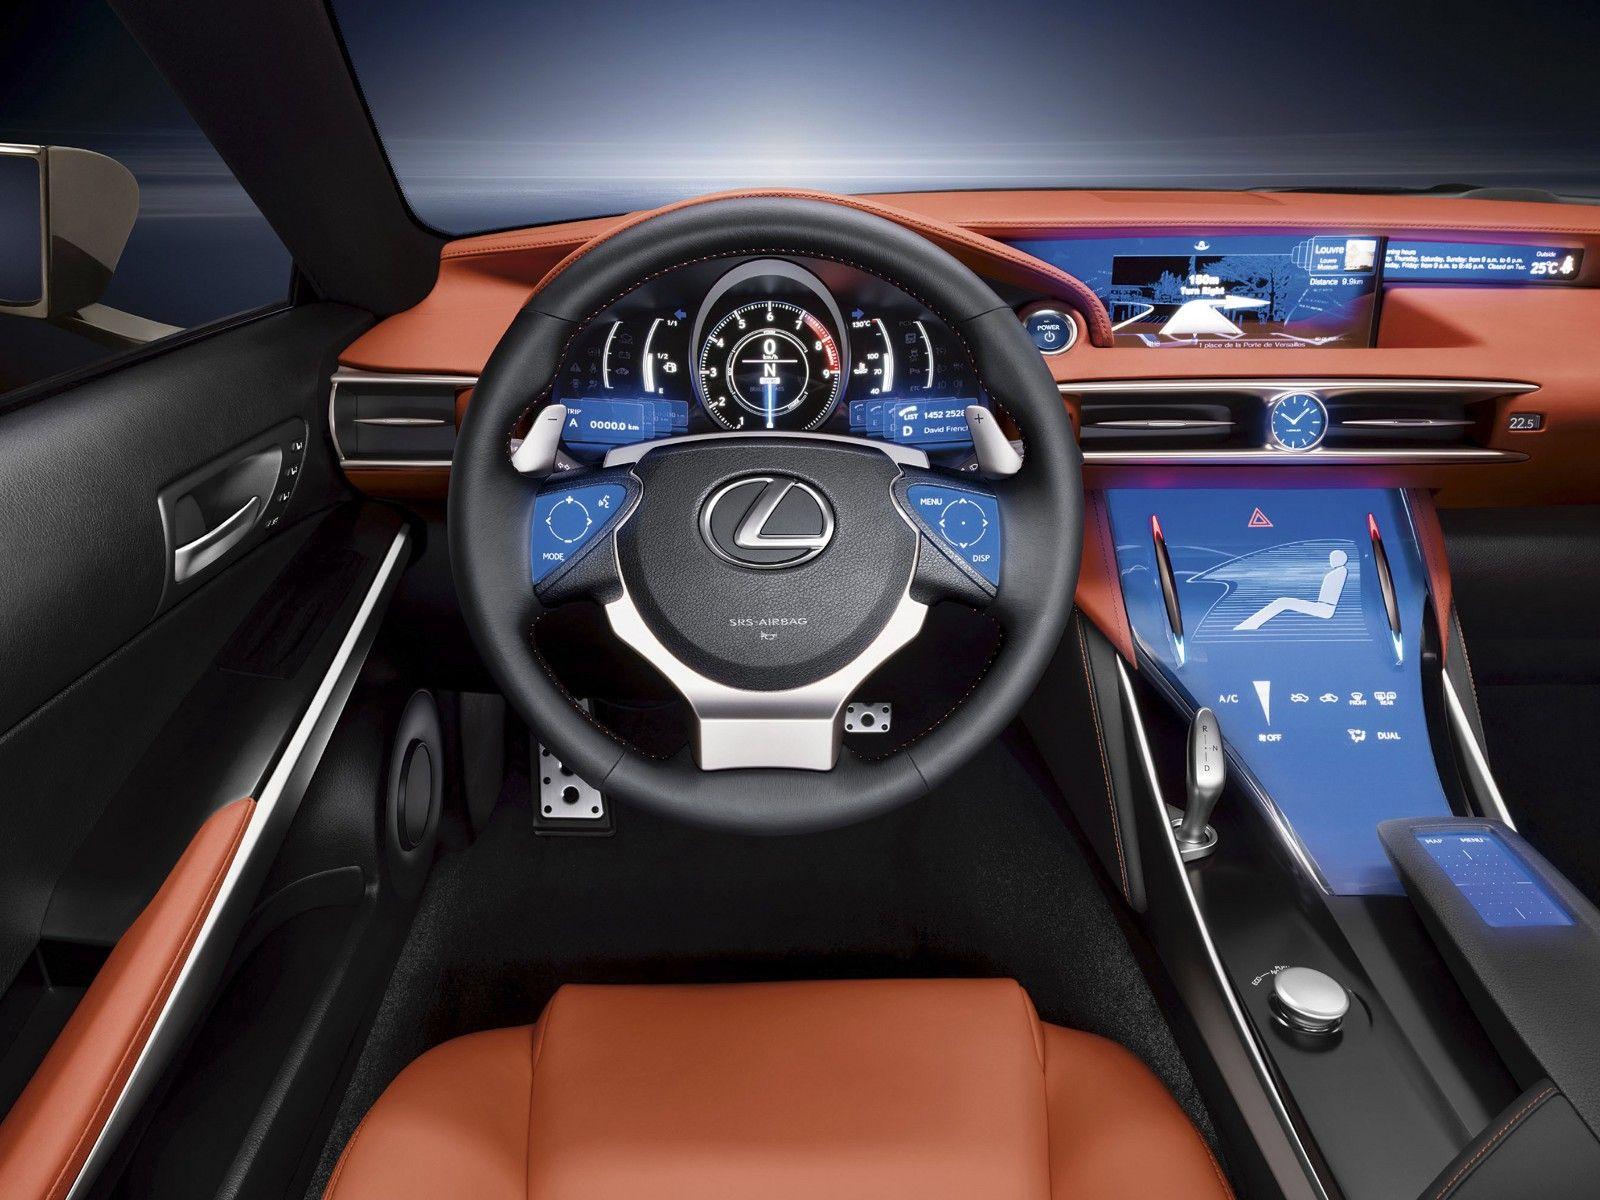 Pin On Auto Interior